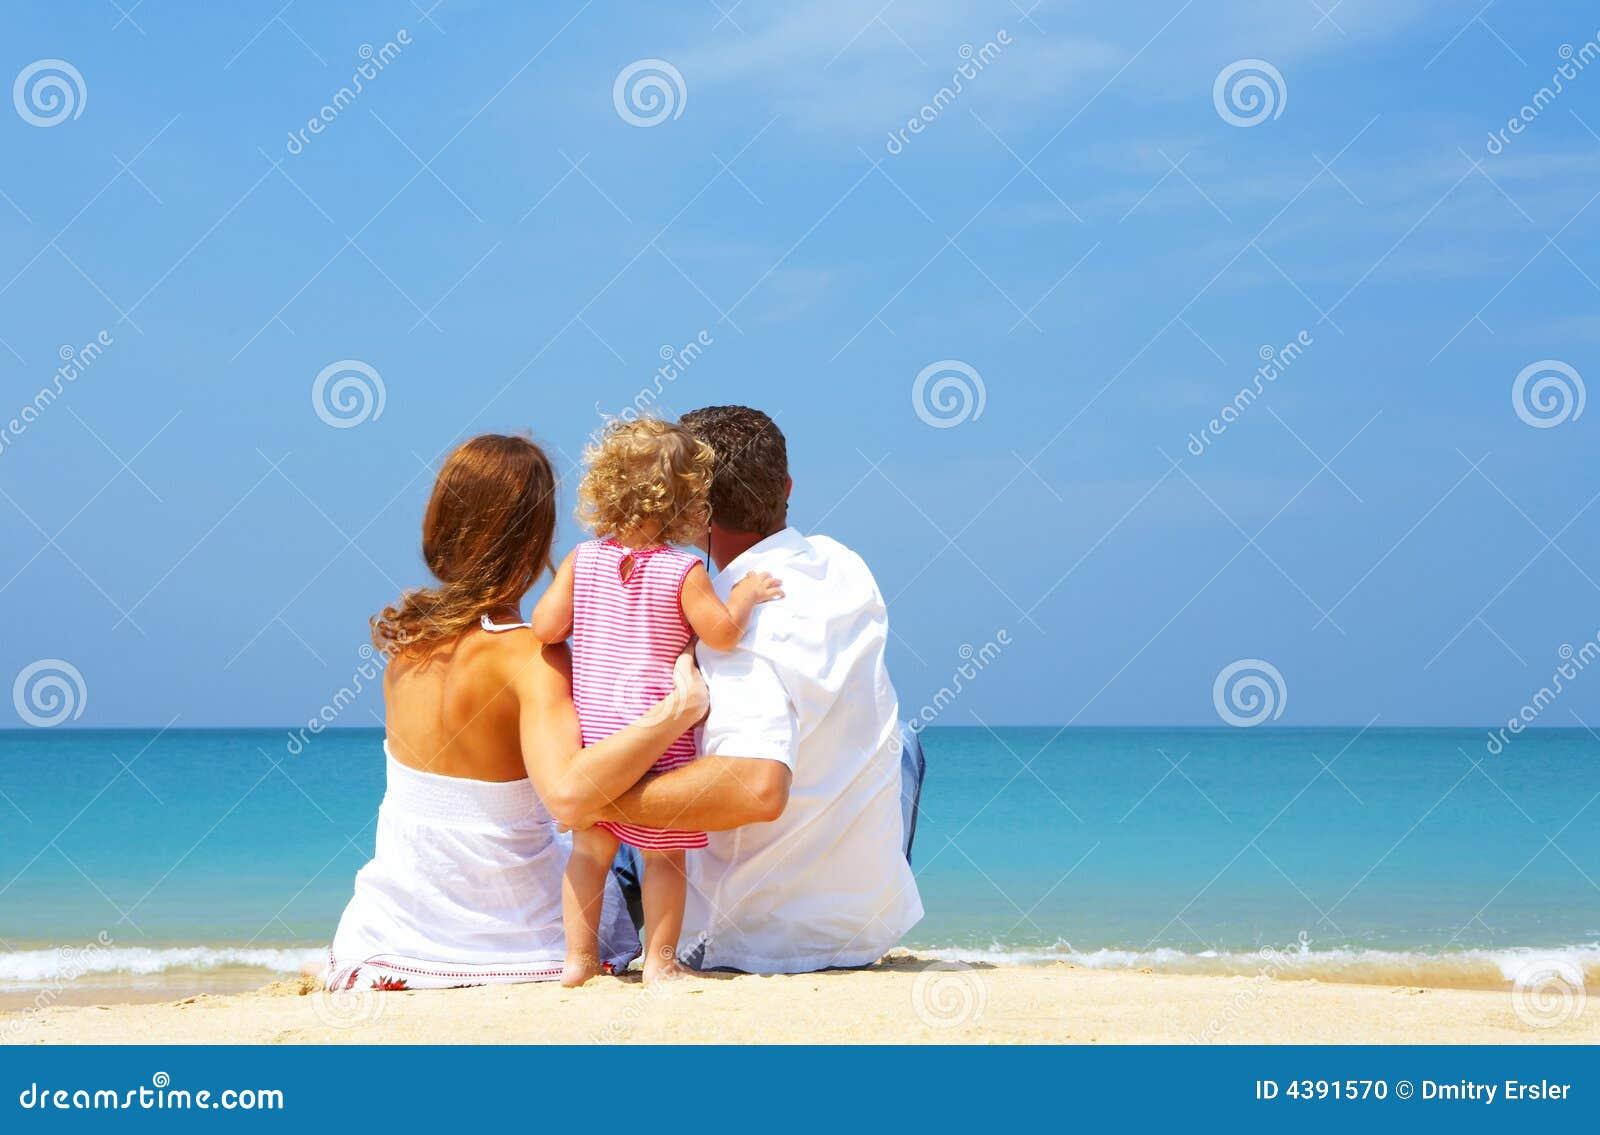 Фото семейной пары море пляж 7 фотография